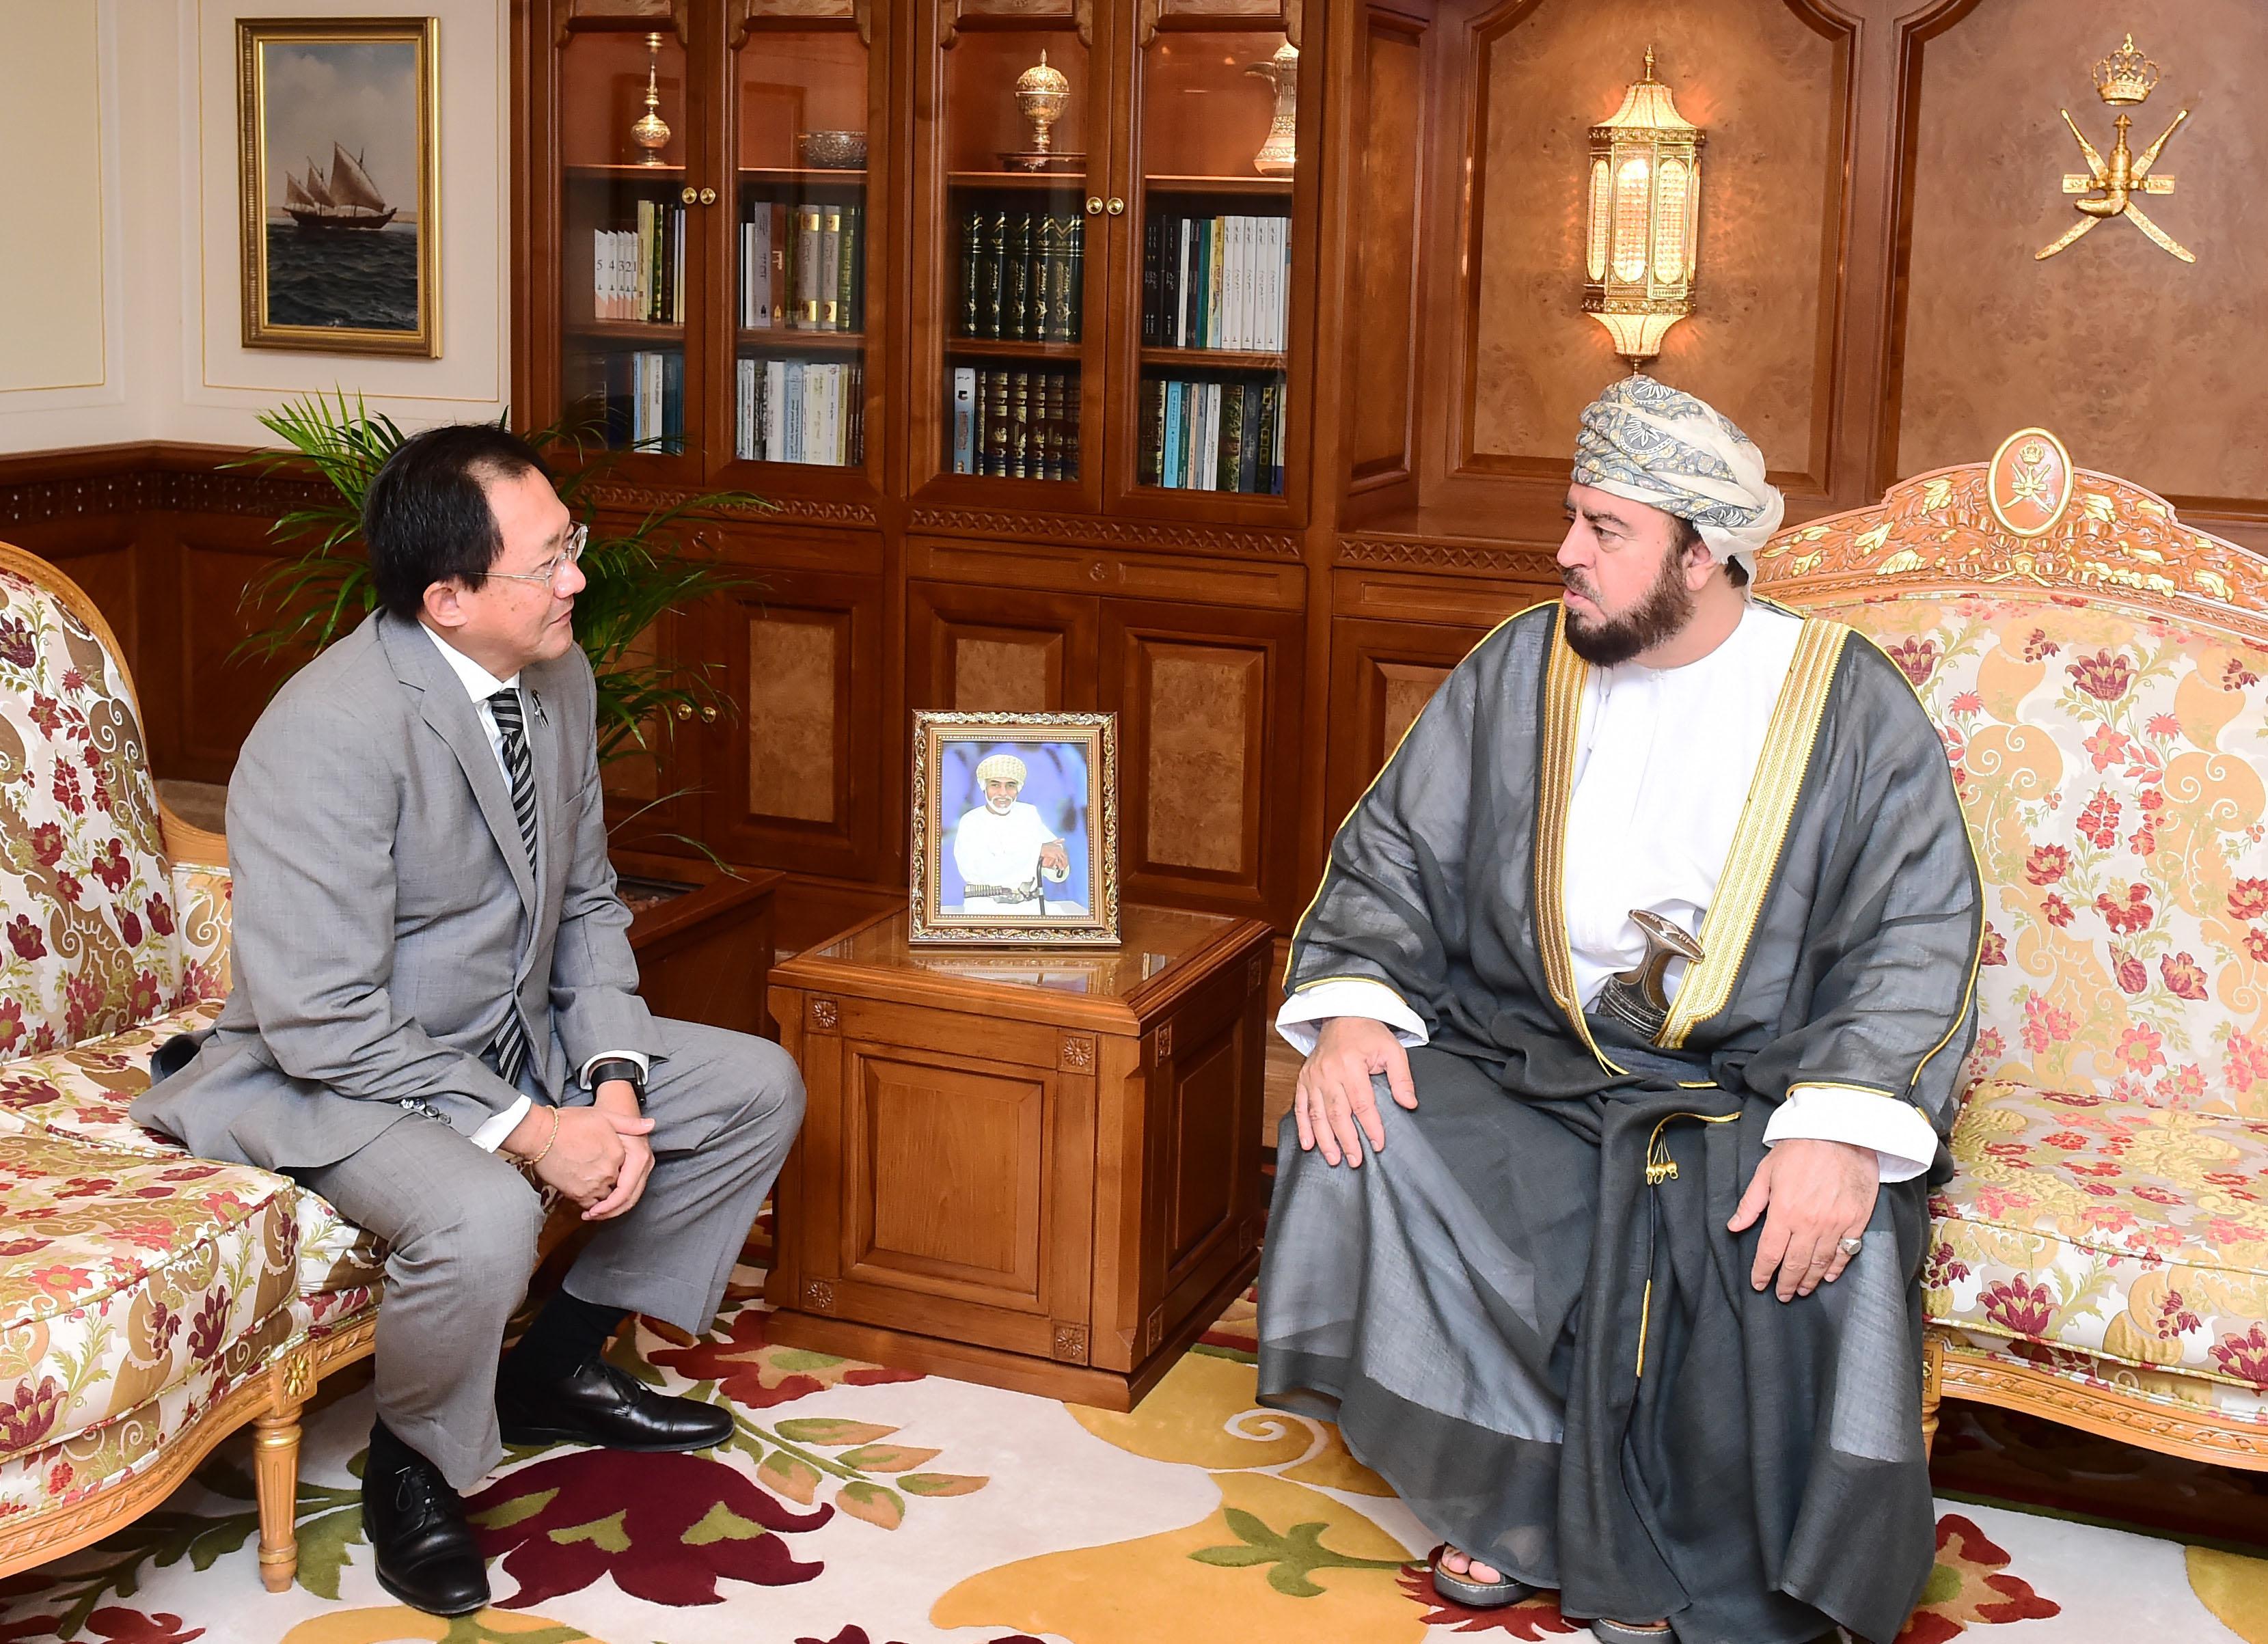 السيد أسعد بن طارق يستقبل سفيري تايلند والنيبال